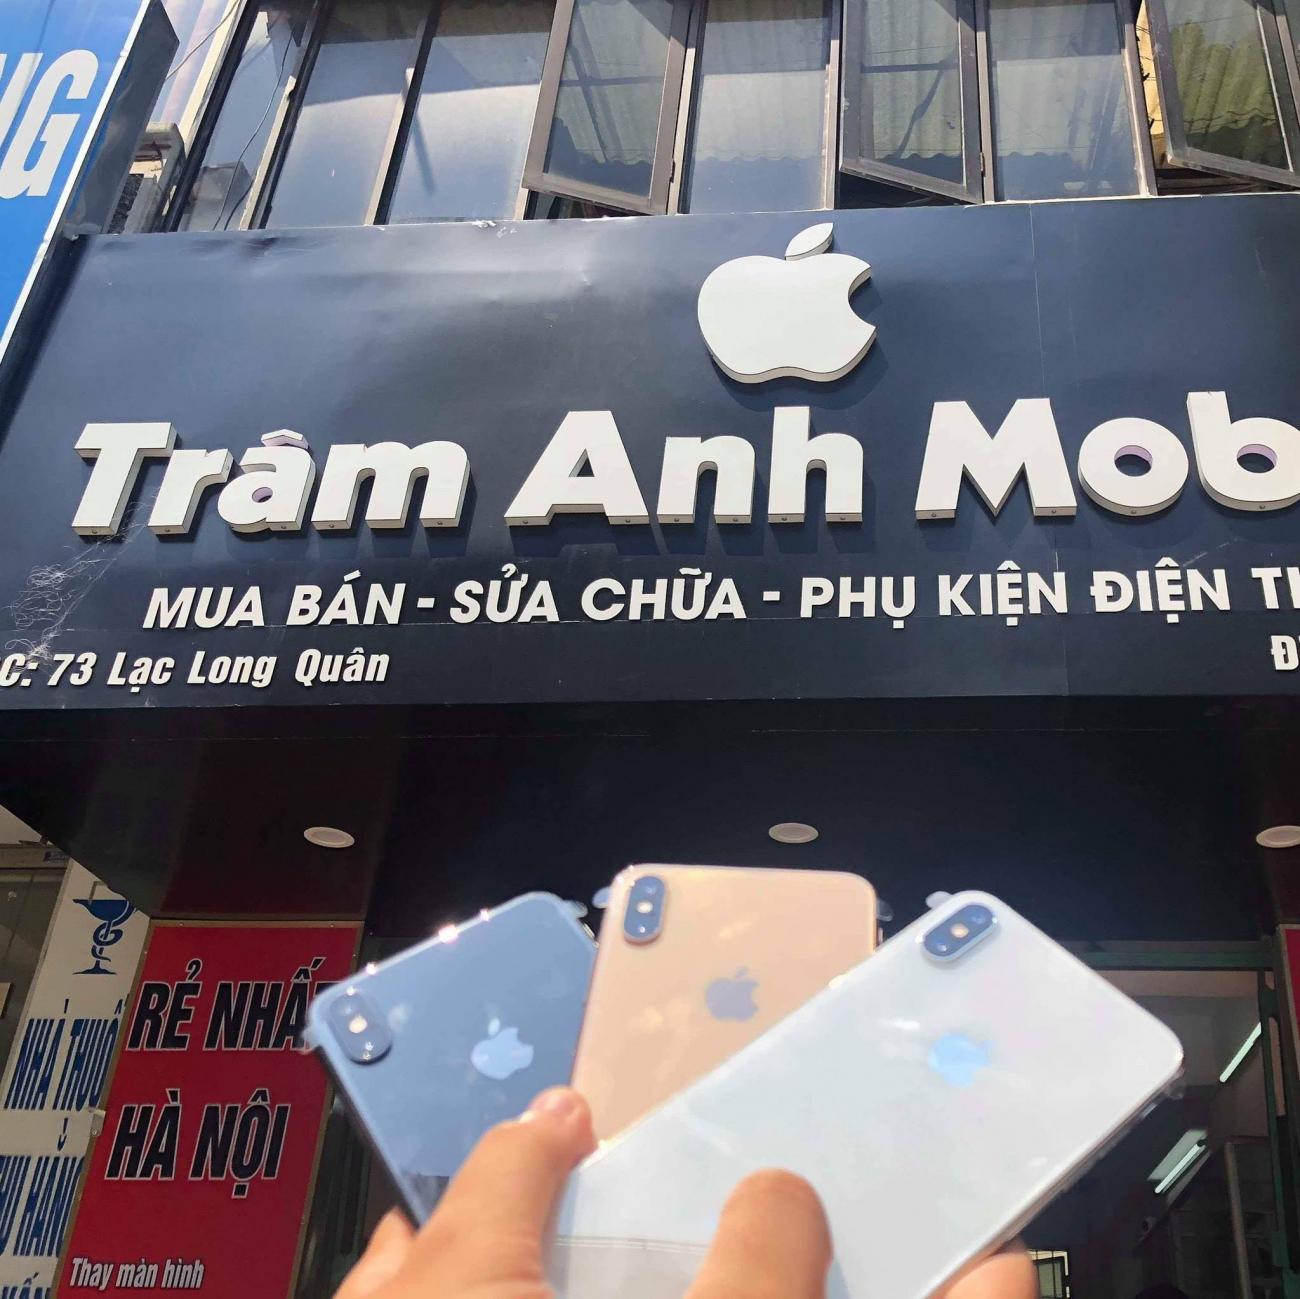 Cửa hàng sửa chữa điện thoại Trâm Anh's Mobile